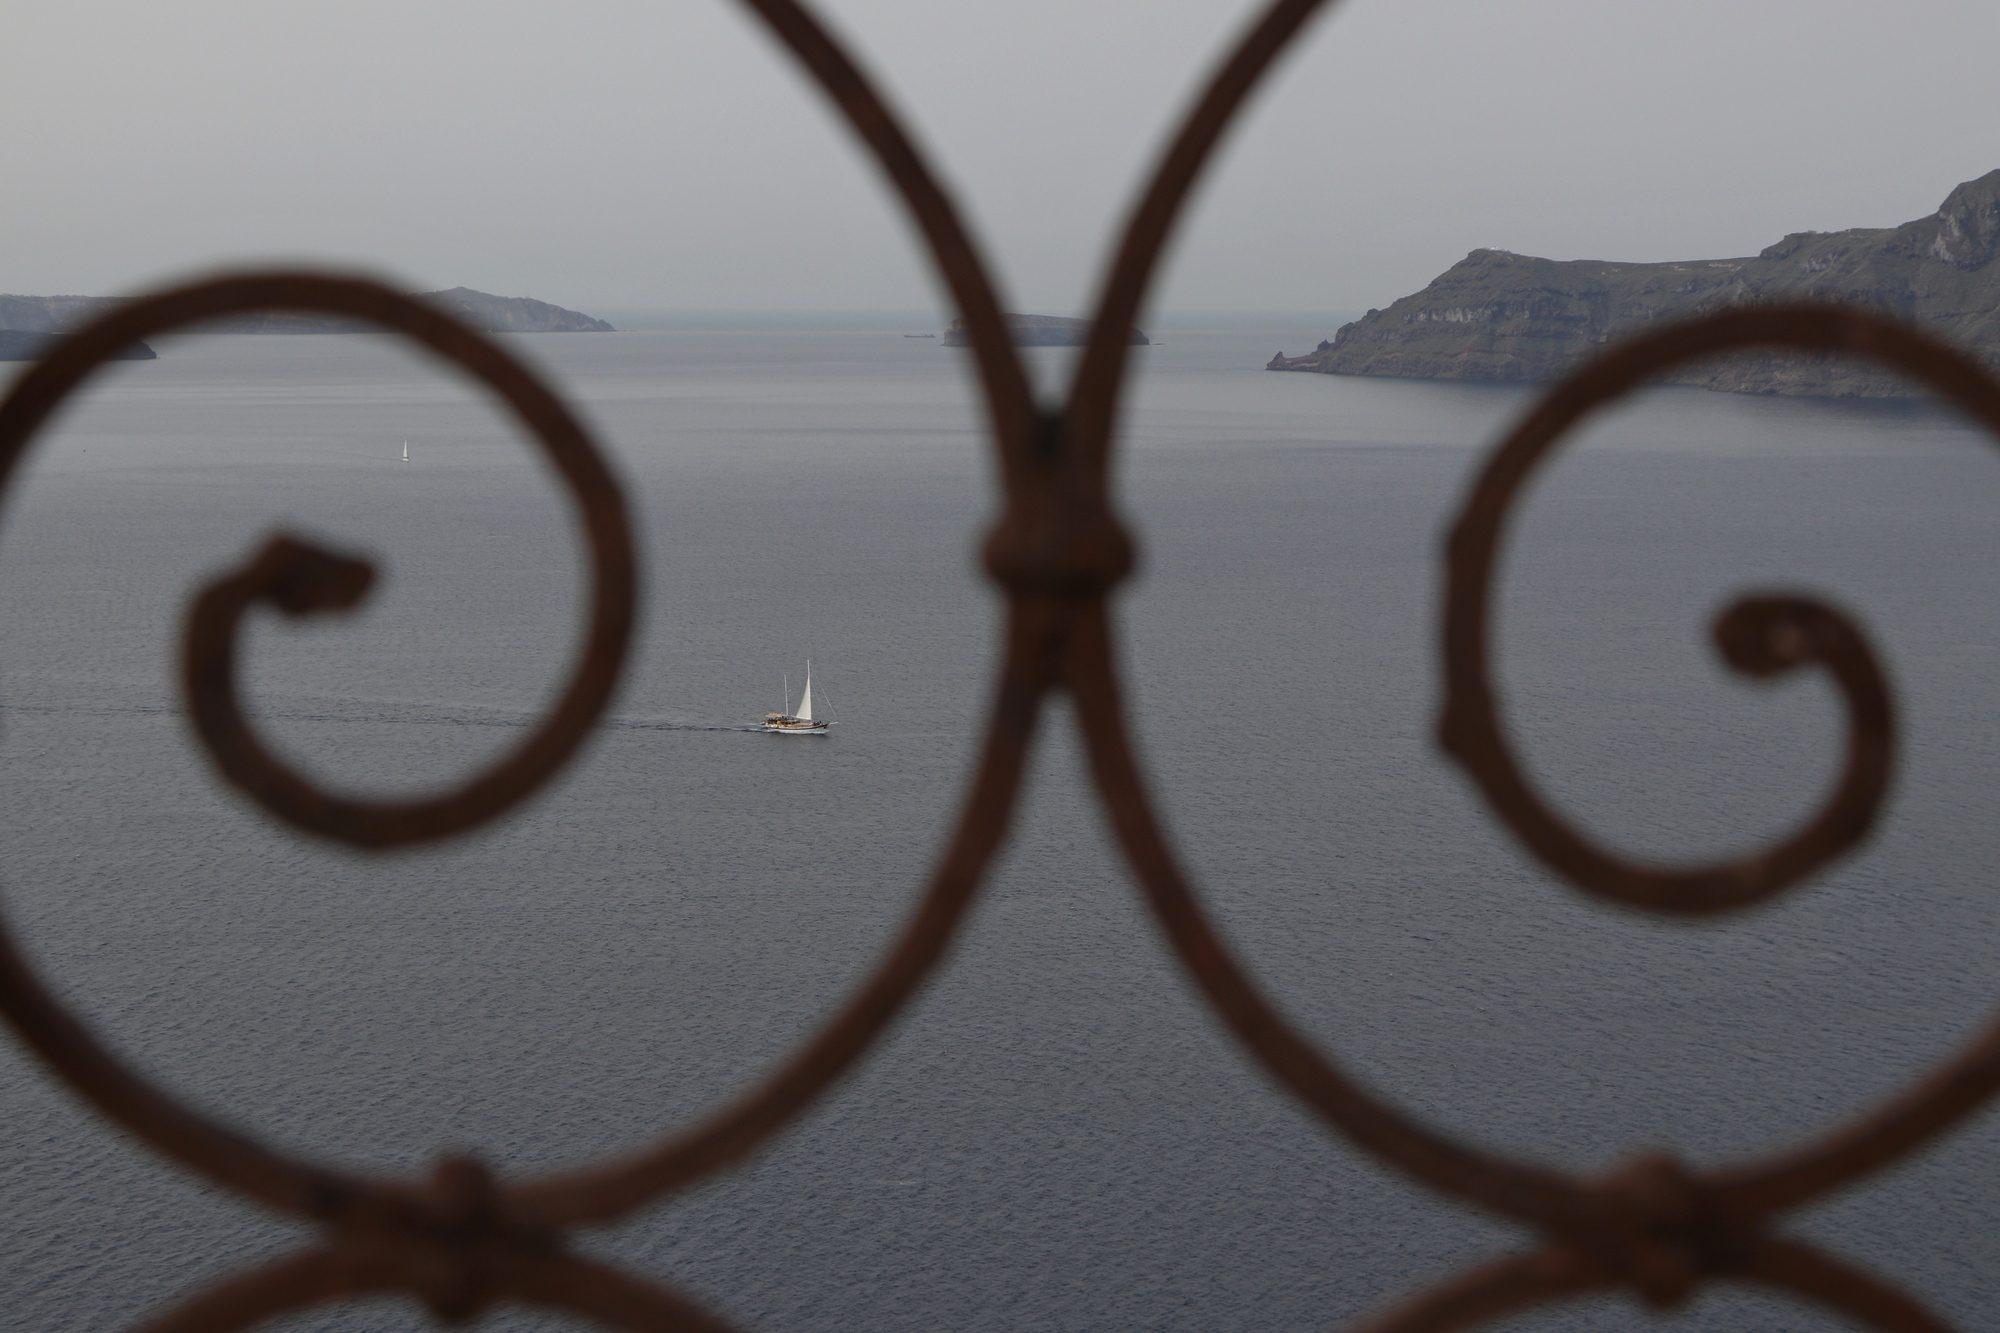 Blick auf die Caldera von Santorin